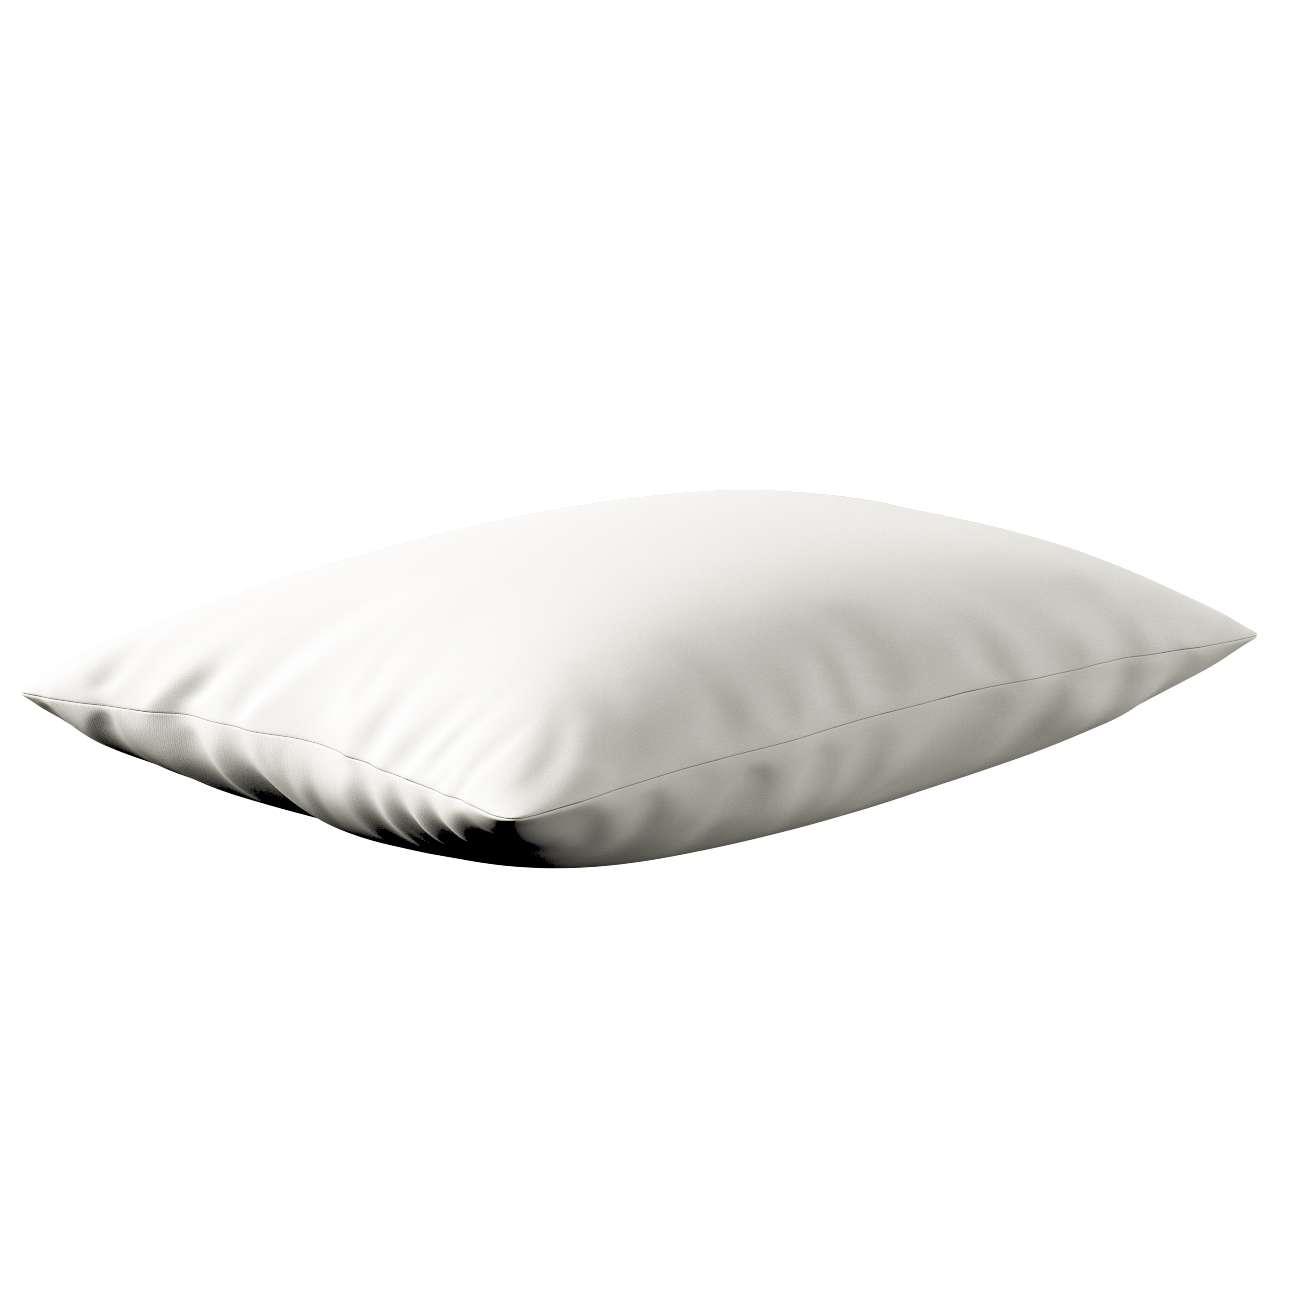 Poszewka Kinga na poduszkę prostokątną 60 x 40 cm w kolekcji Cotton Panama, tkanina: 702-34